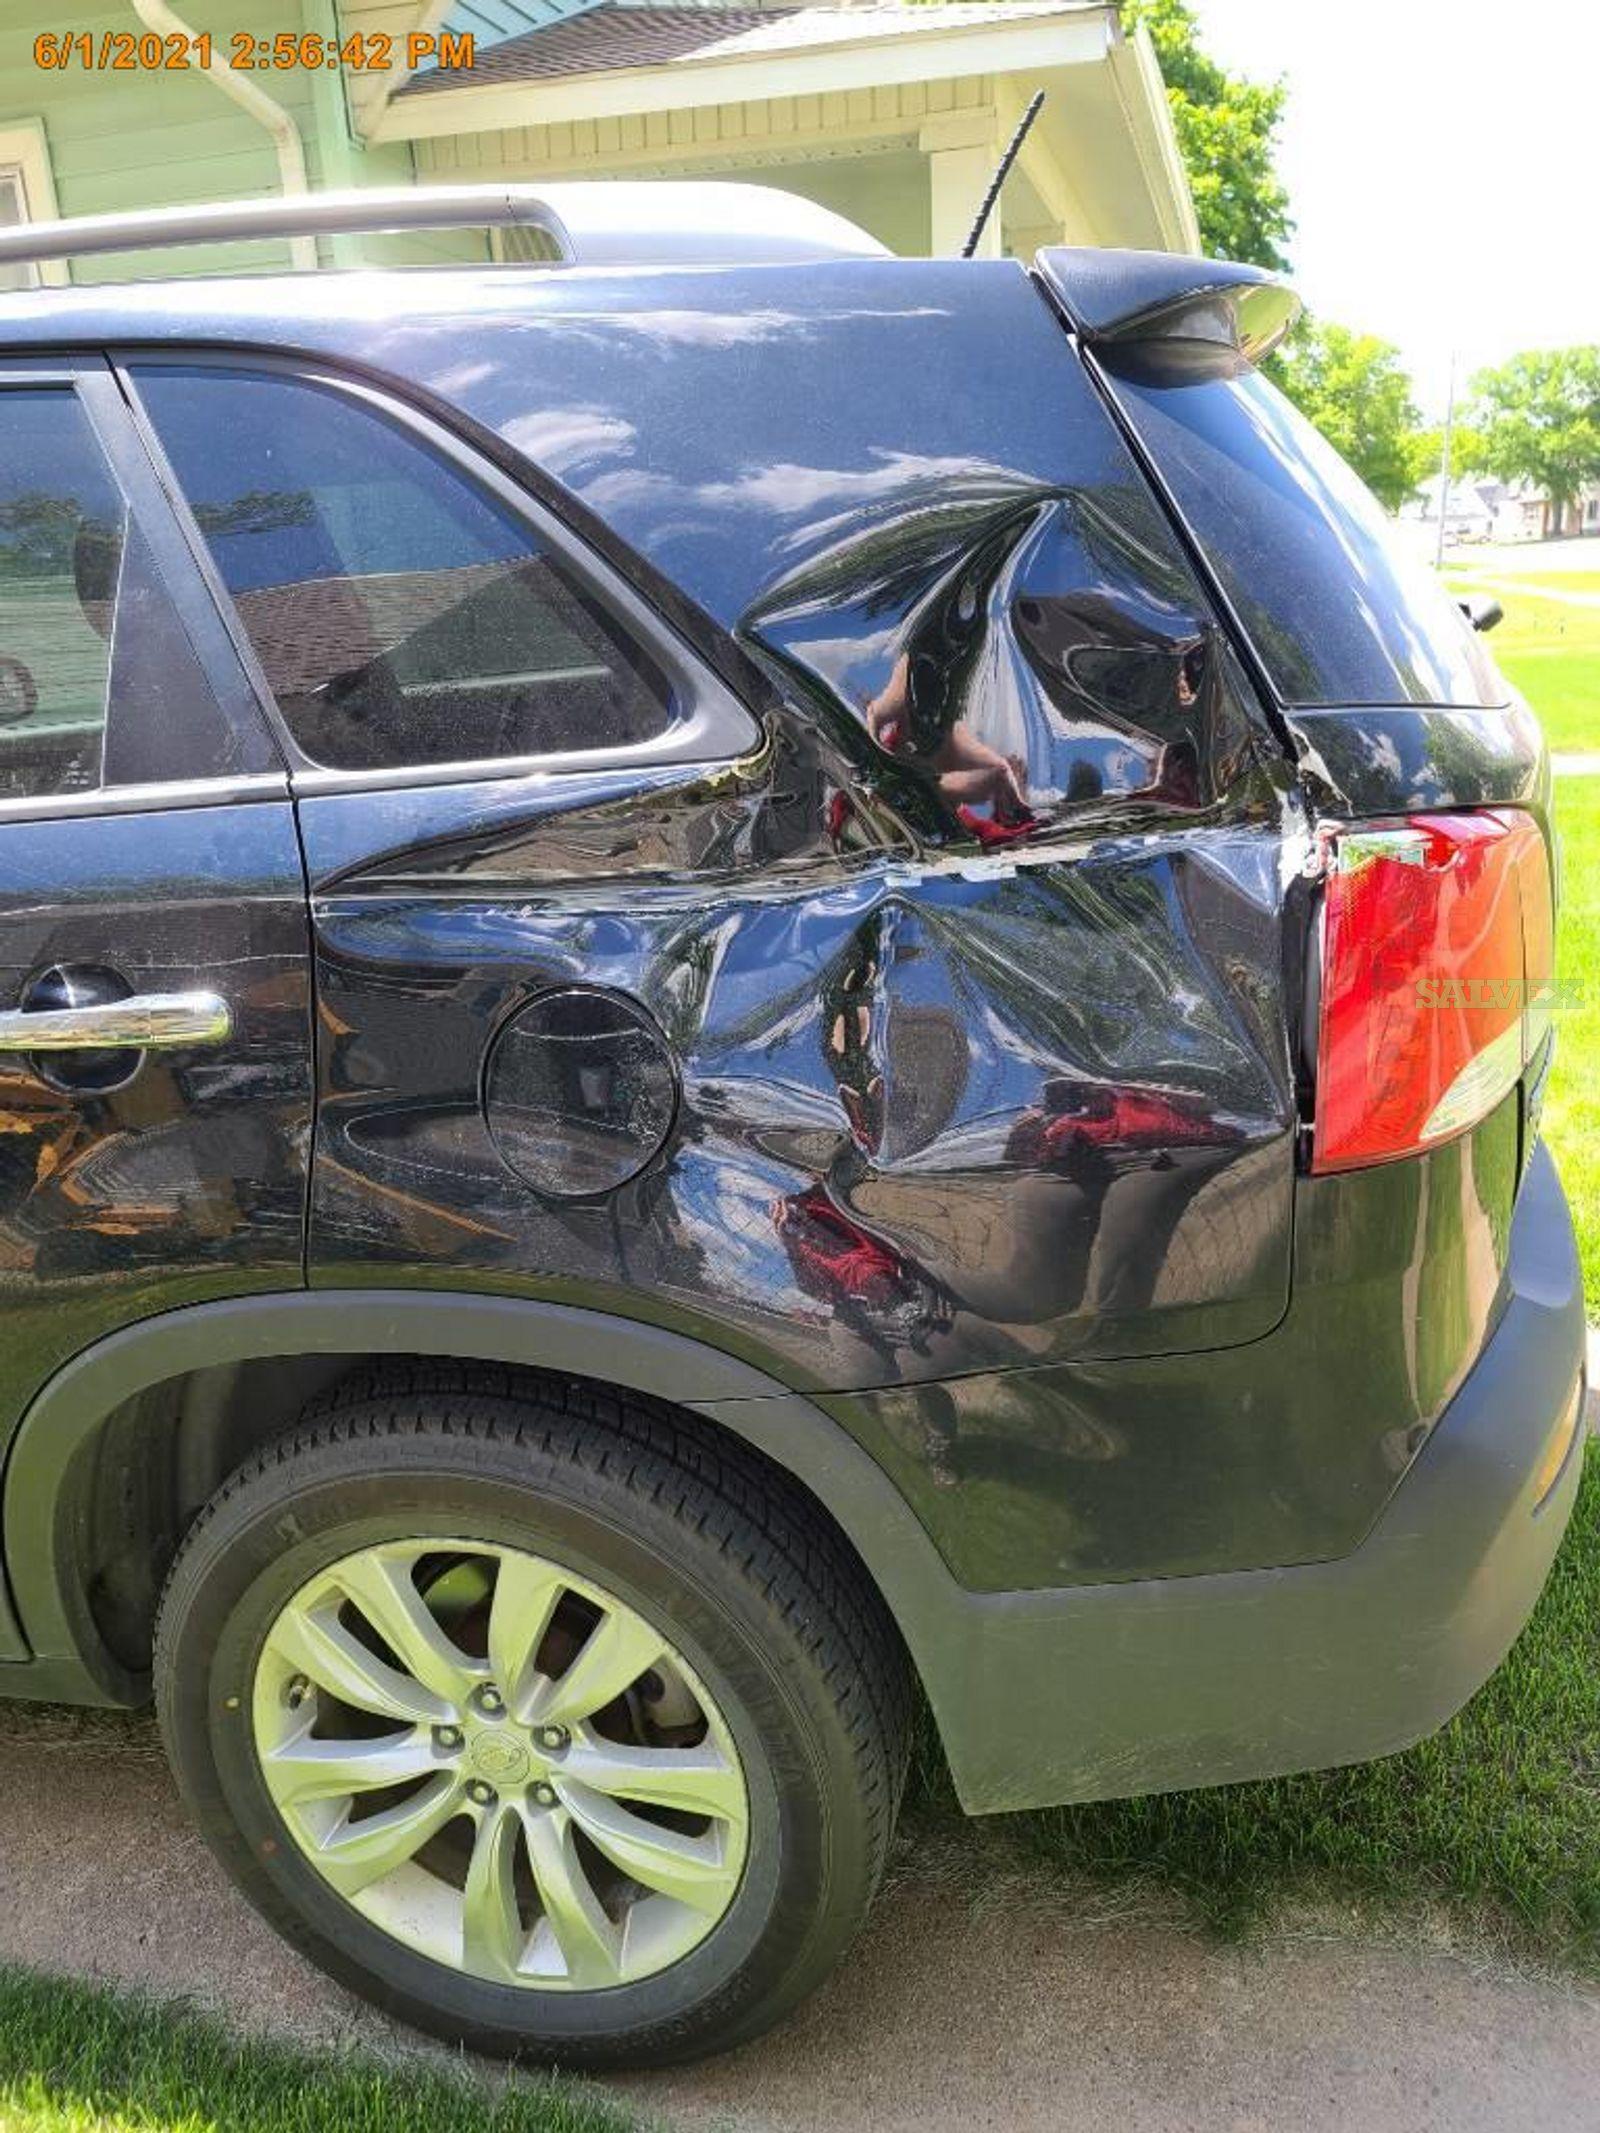 Kia Sorento EX AWD 4-Door SUV 2011 (1 Unit)